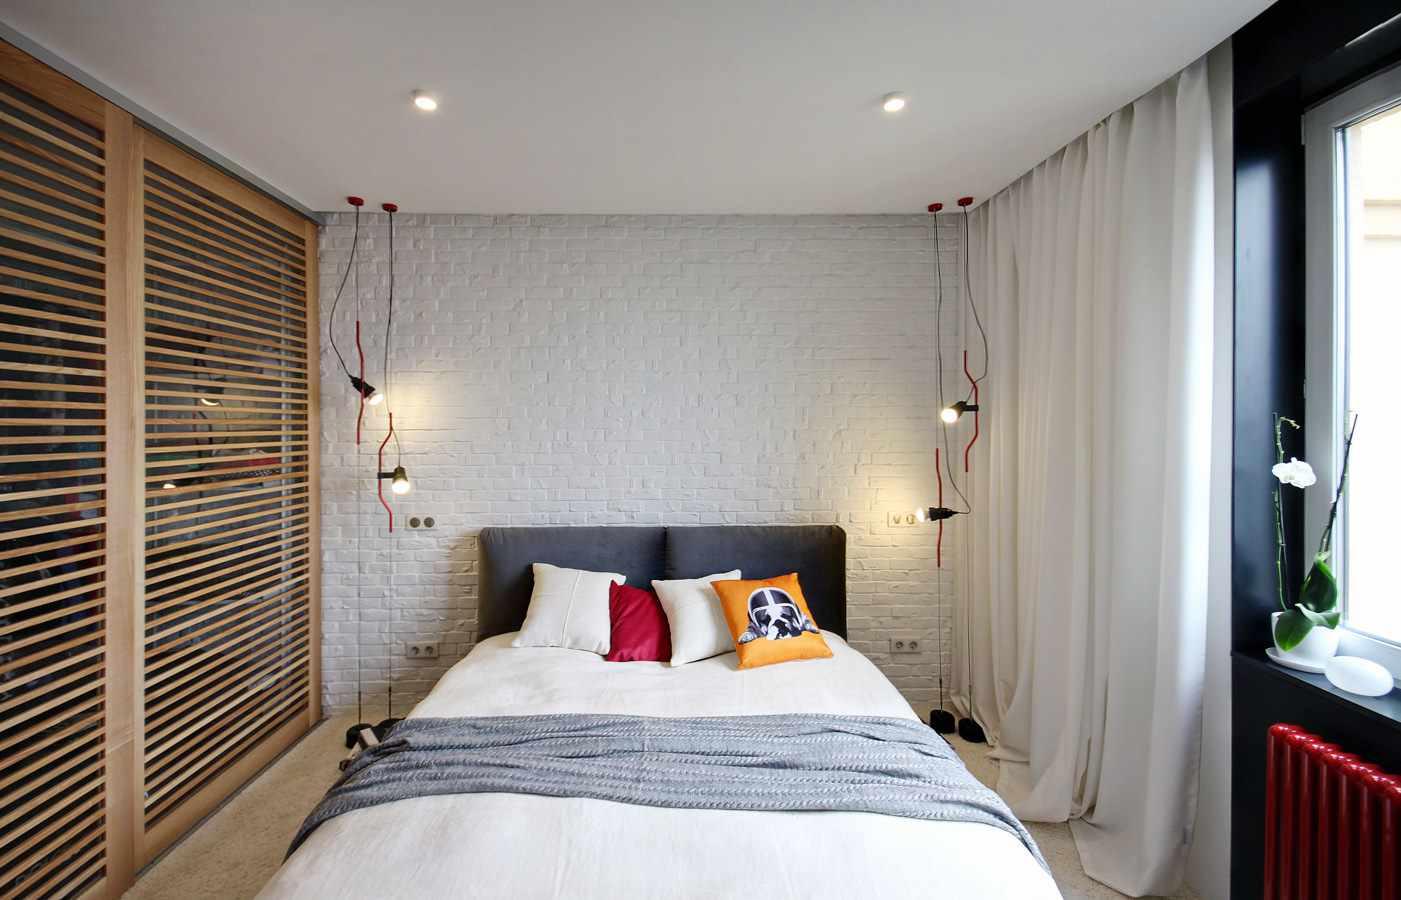 пример красивого интерьера спальни в хрущевке